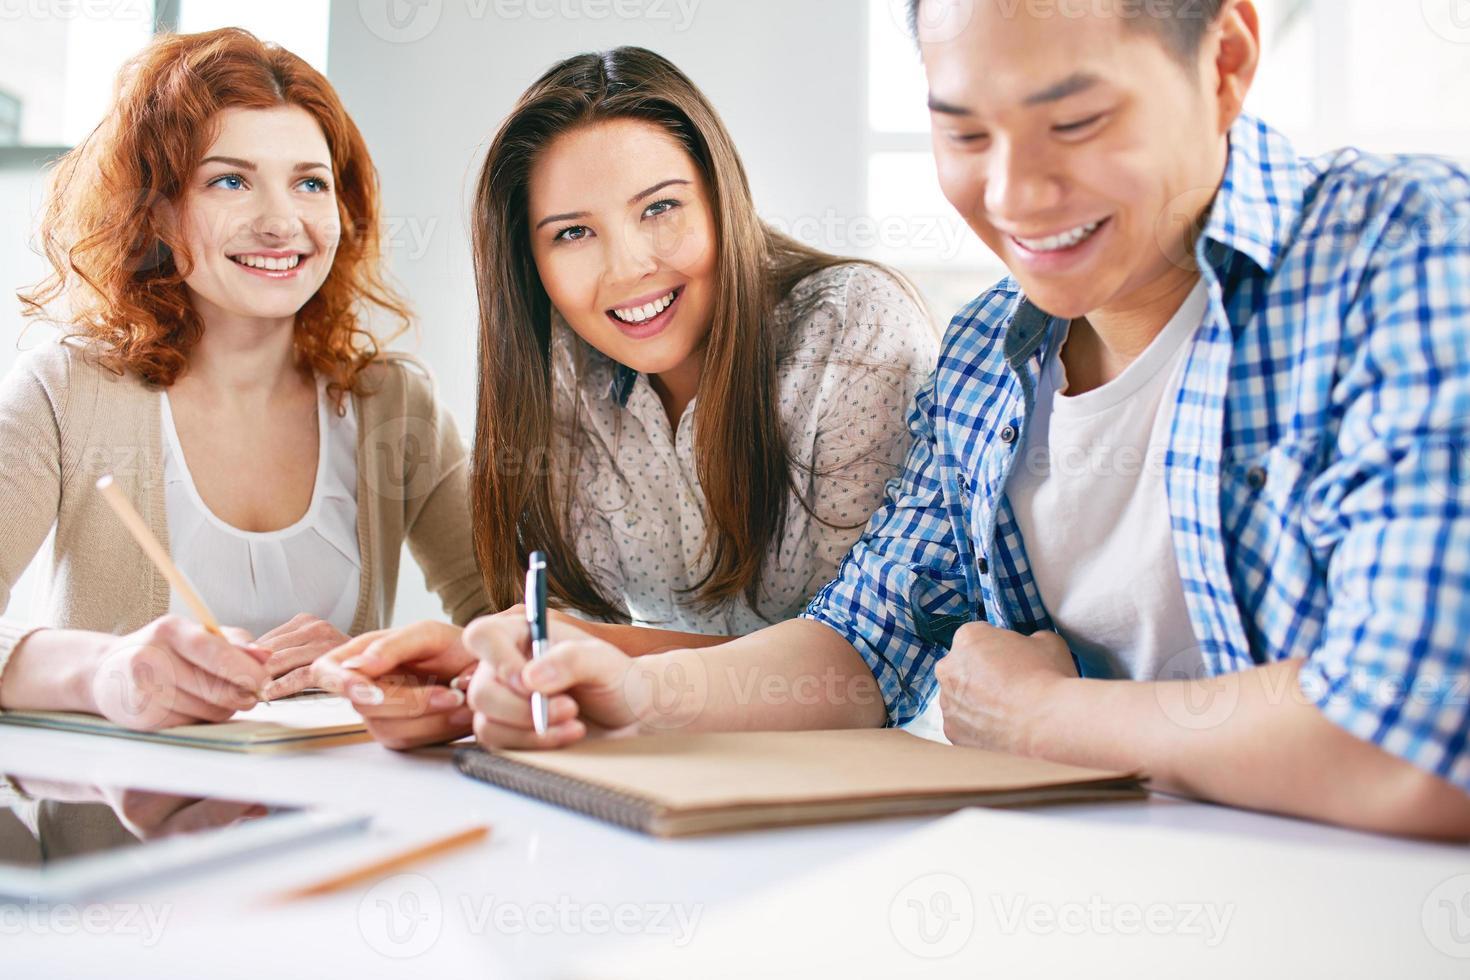 gruppo di studenti foto